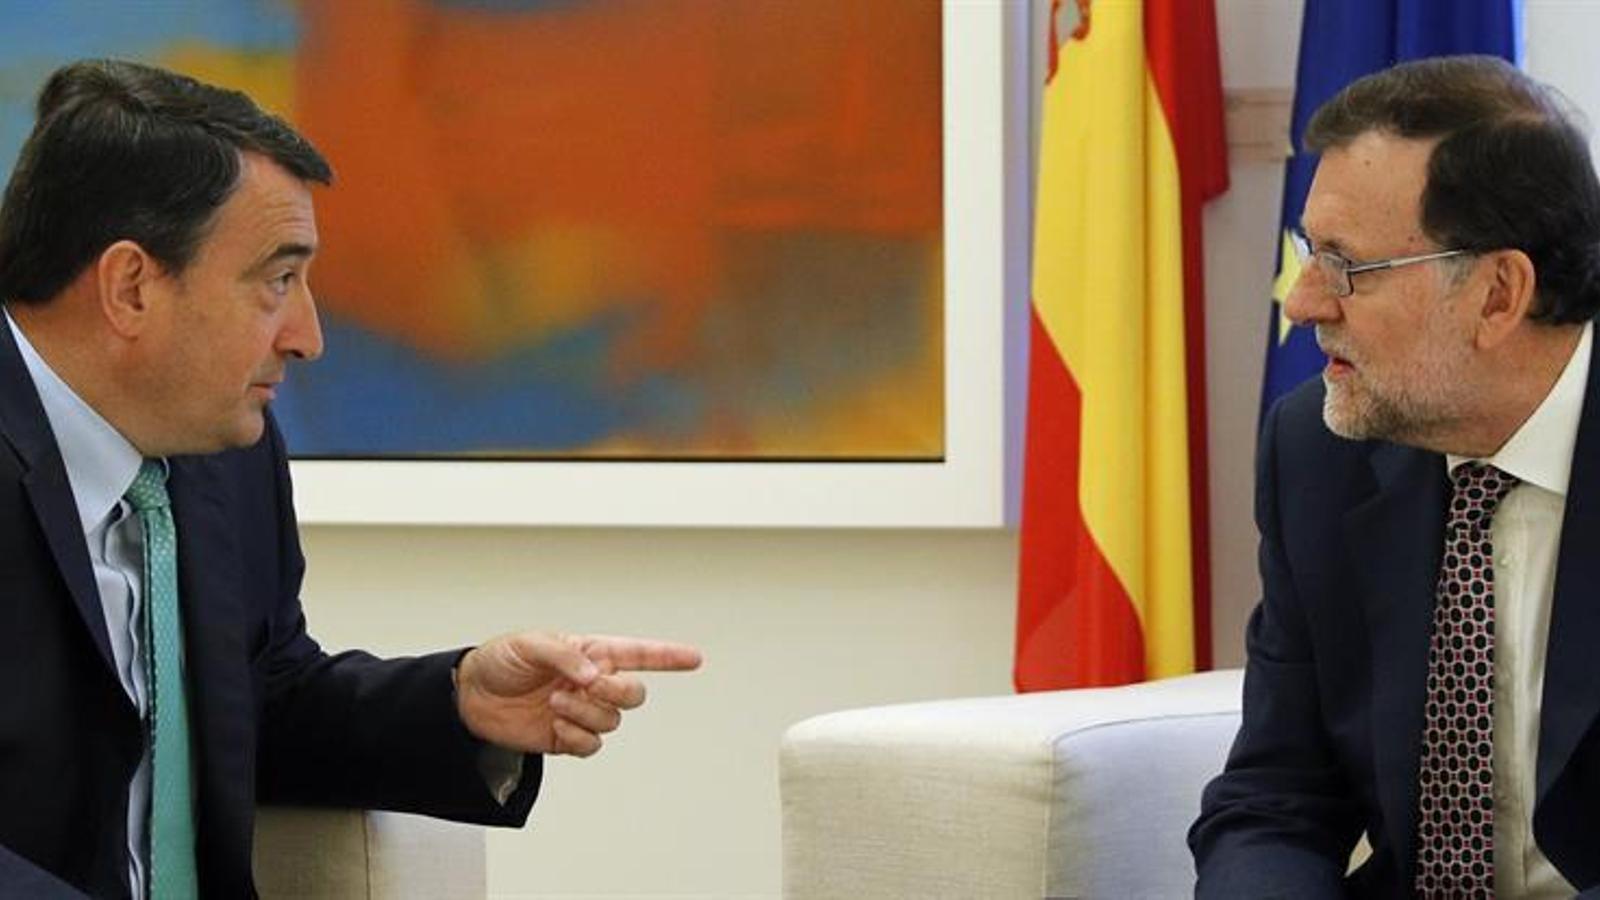 """El PNB rebutja pactar els pressupostos amb Rajoy perquè no compleix amb """"un llindar mínim de decència democràtica"""""""